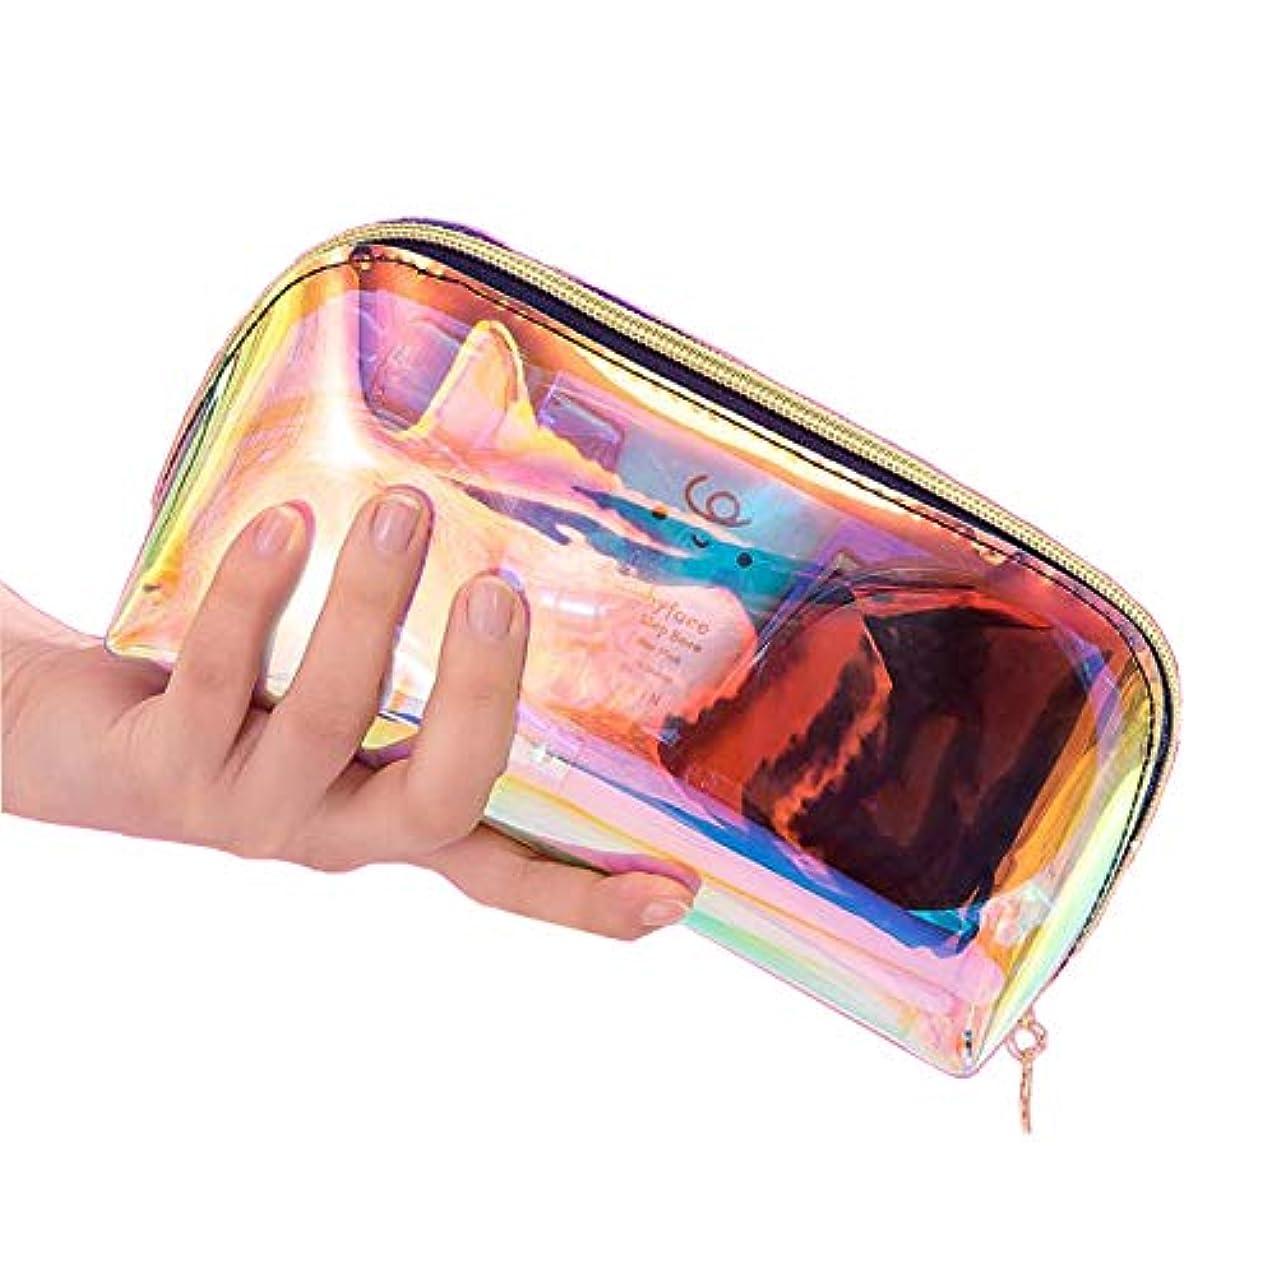 ダッシュスーツケース無礼にRanoki 化粧品バッグ 収納防水多彩透明メッシュ温泉、 ビーチサイド旅行、出張、便利、メイク 収納 メイクブラシポーチ化粧品